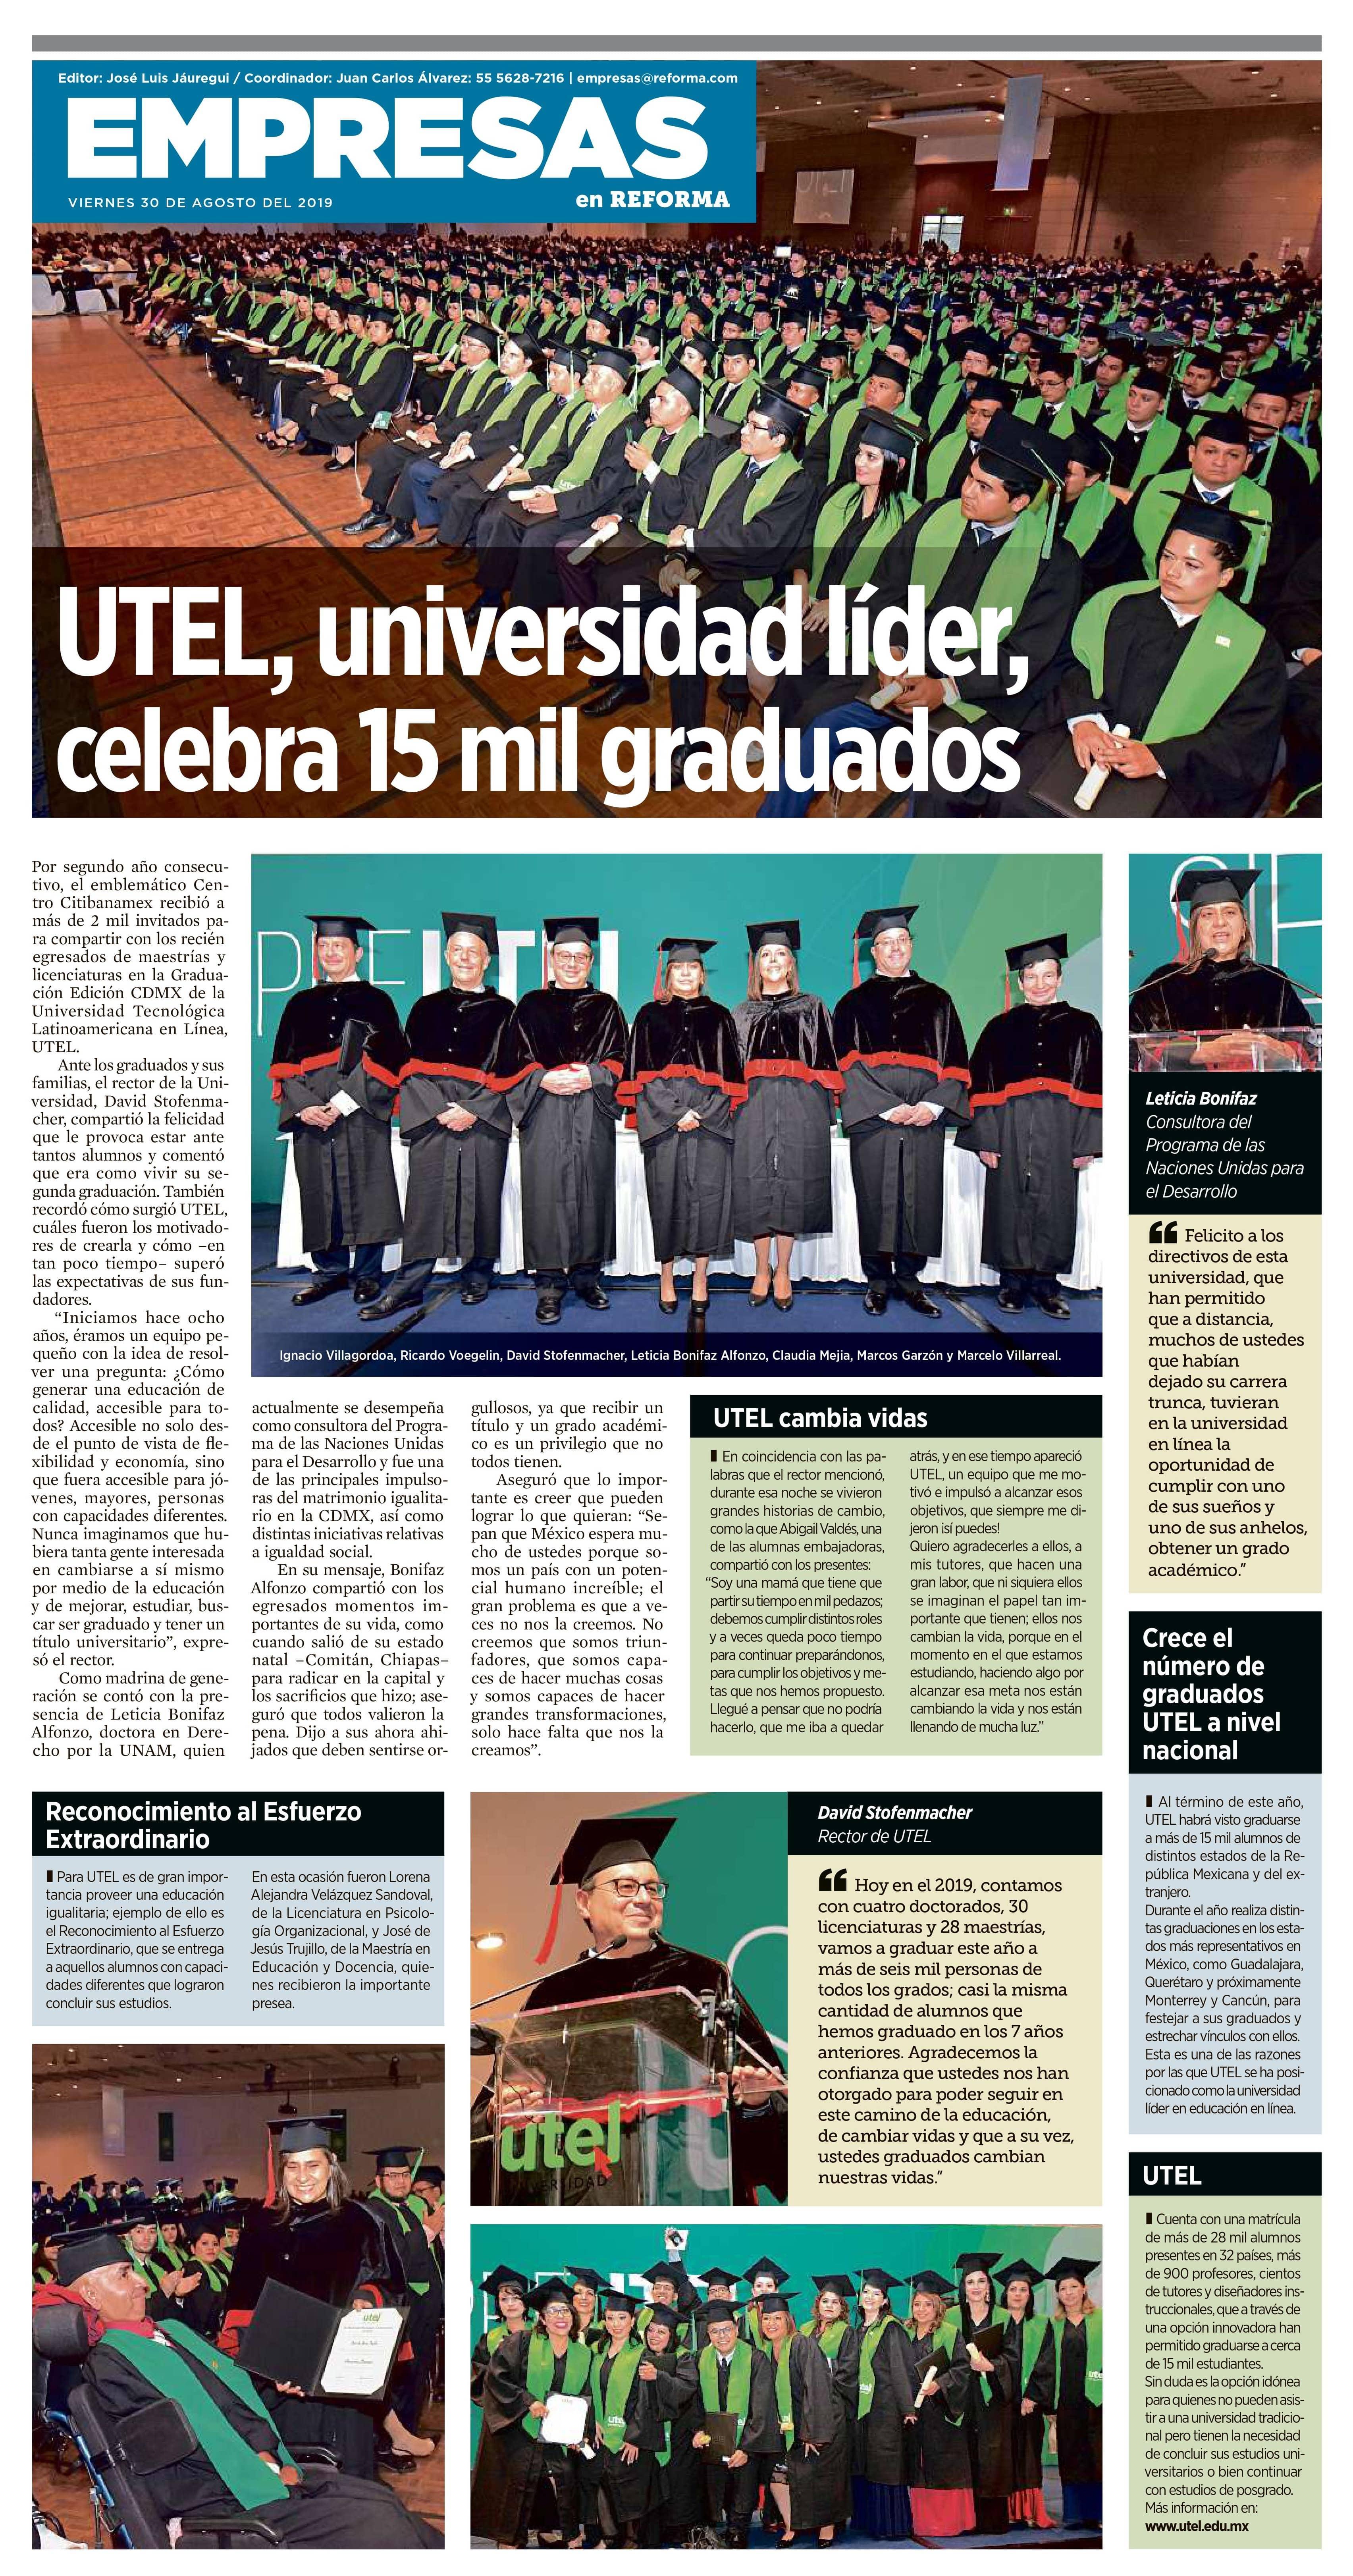 Graduación UTEL encabeza plana del Periódico Reforma